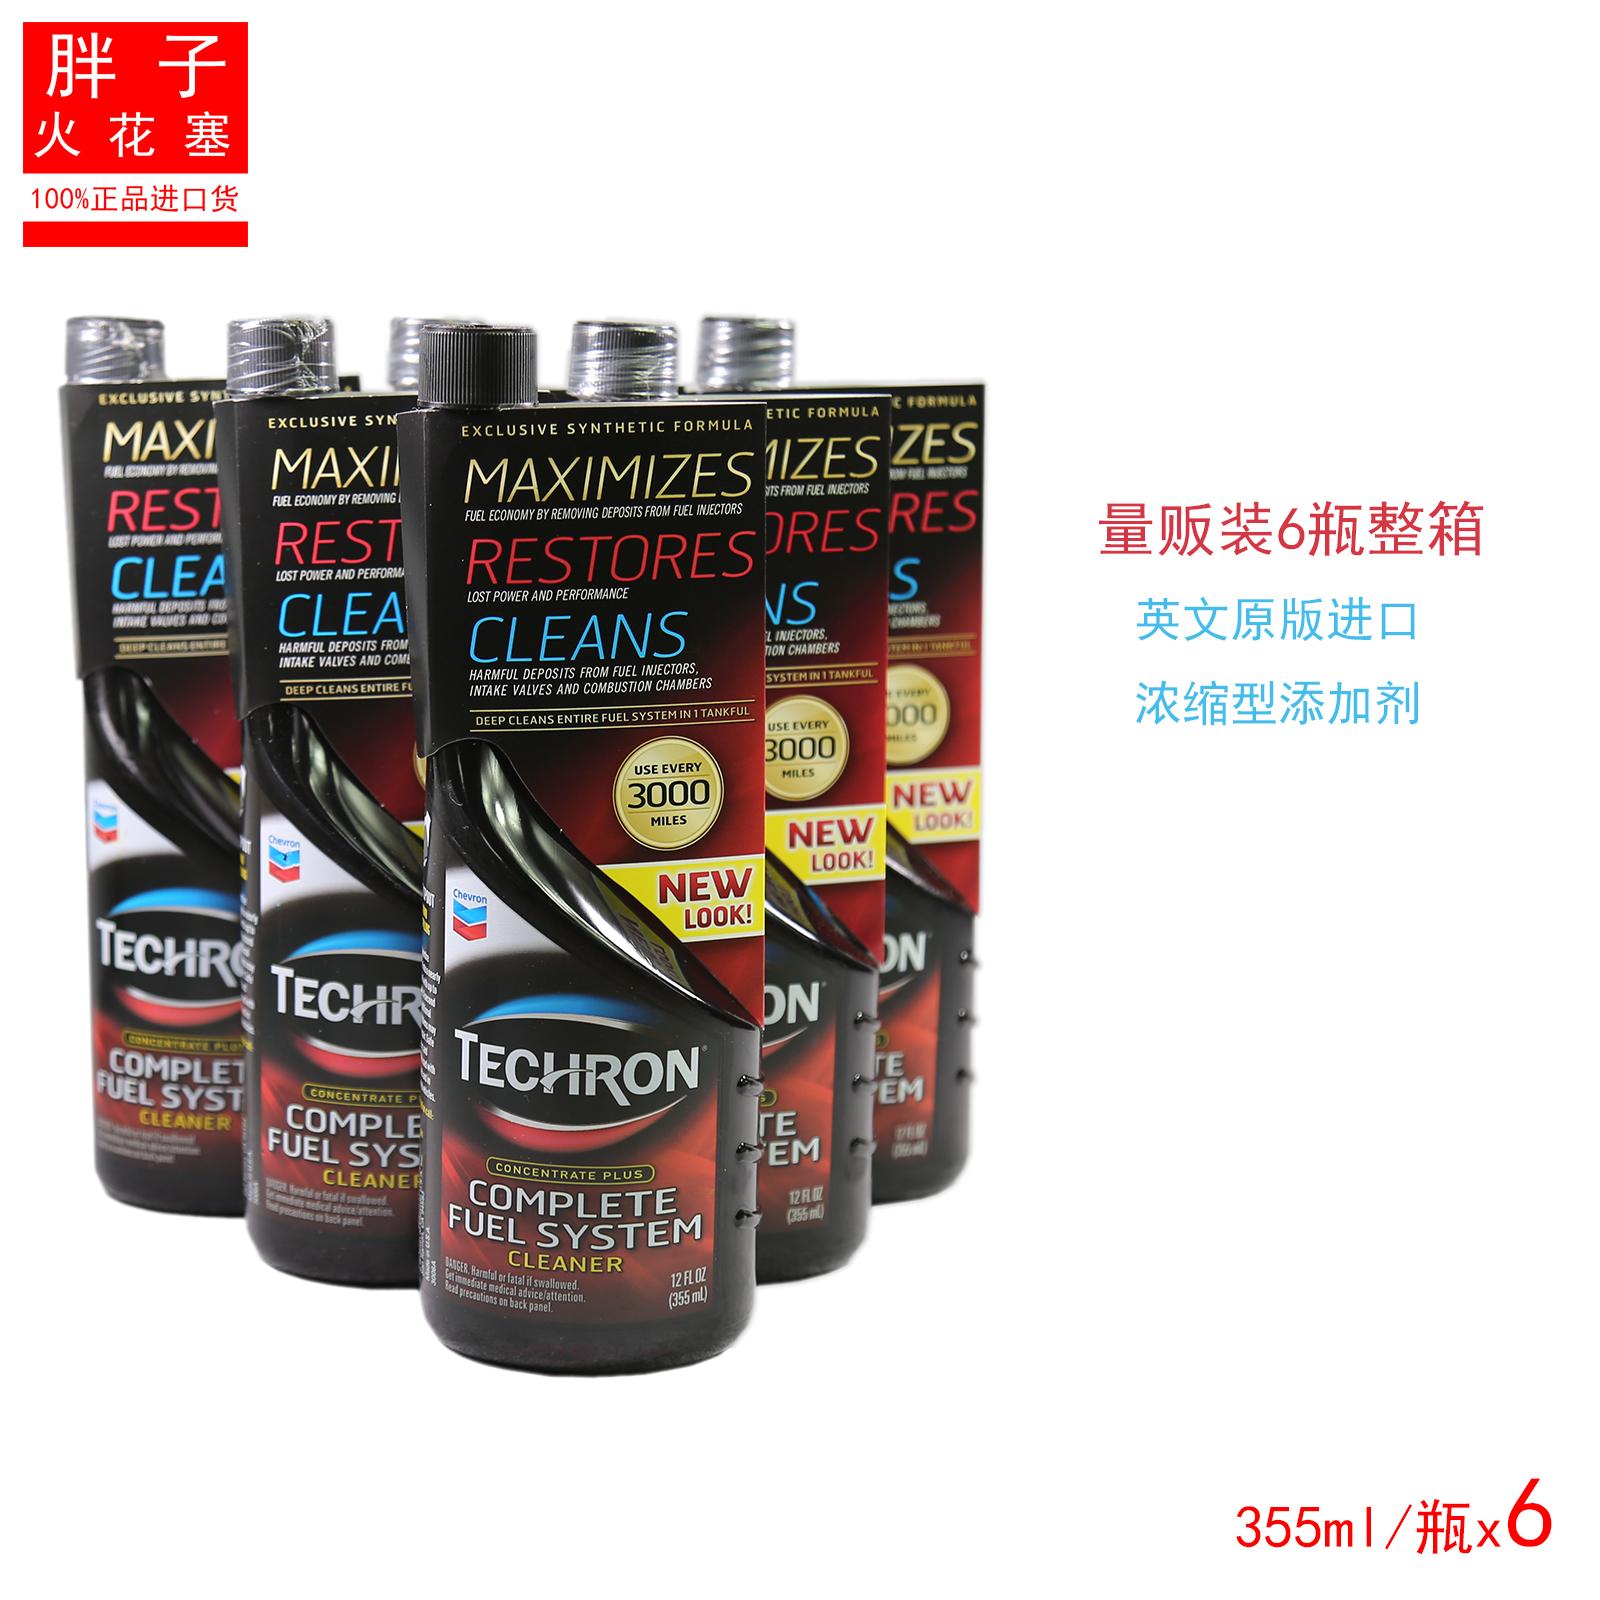 美国进口雪弗龙TCP汽油添加剂燃油宝环保提升动力六瓶包邮